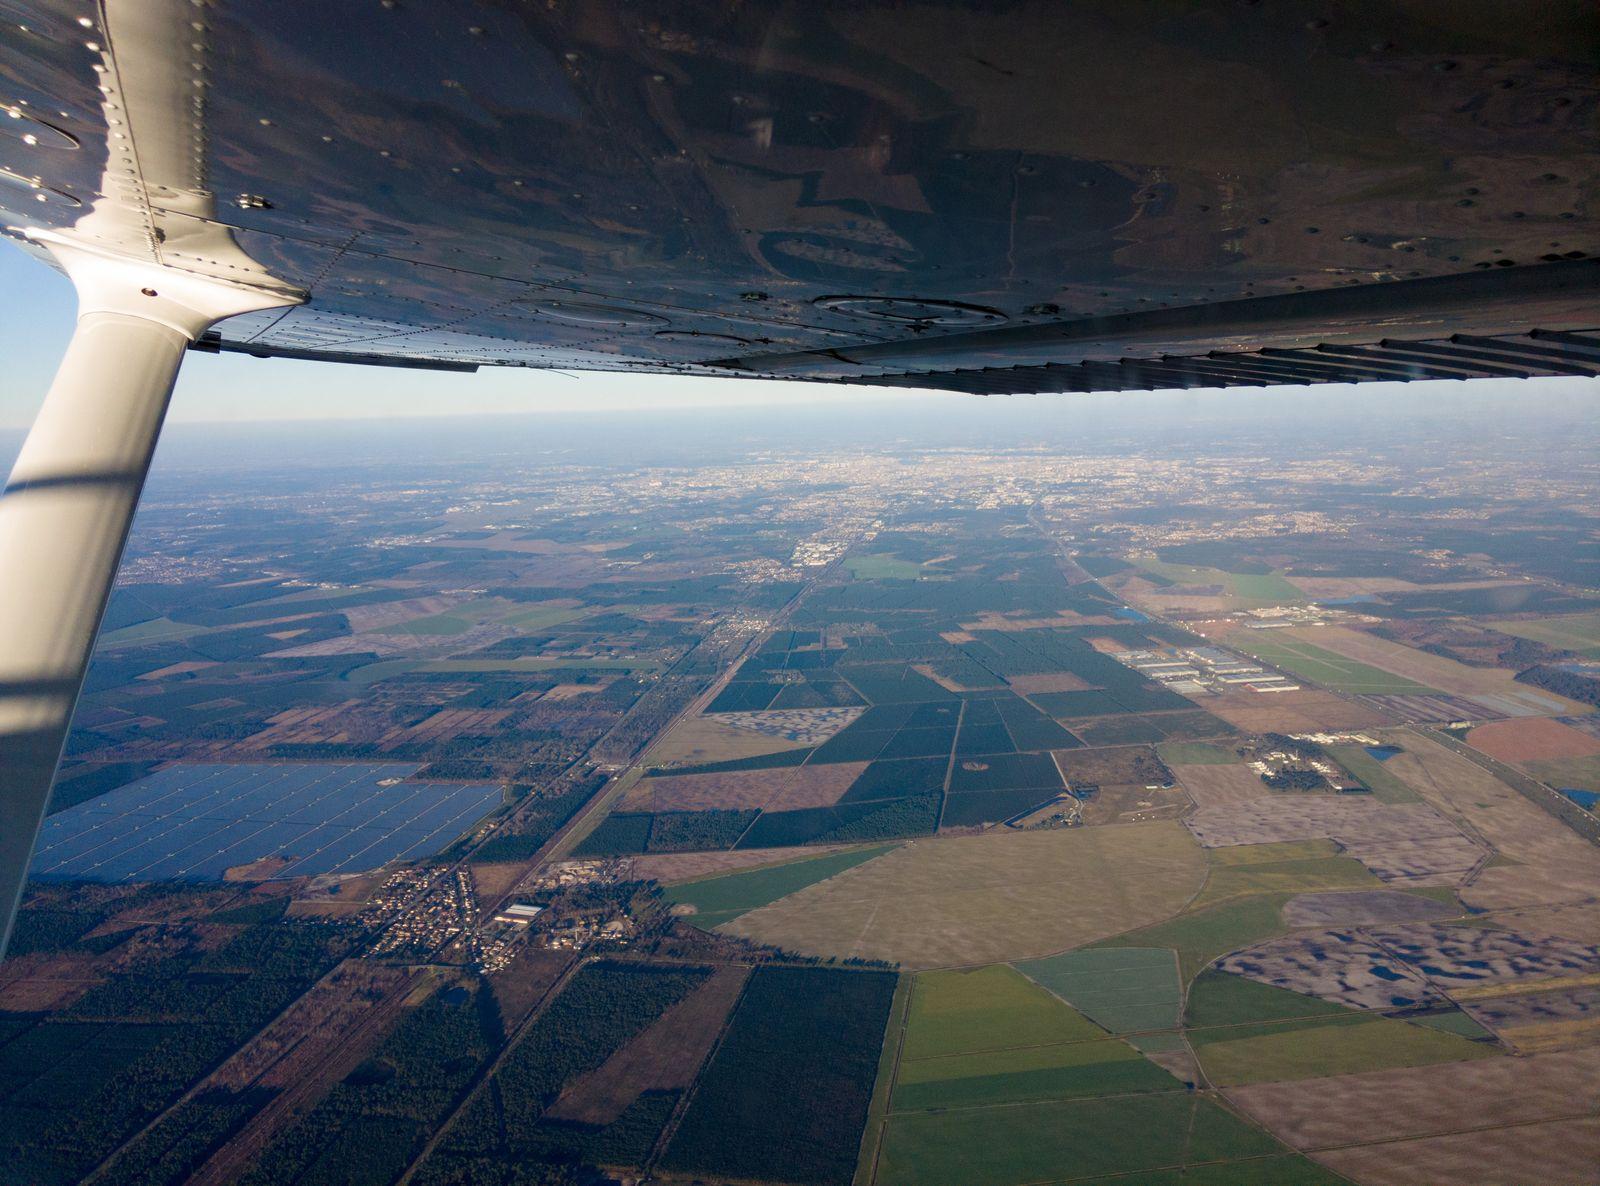 En arrière-plan, Bordeaux vu de 5500 ft environ (1700m). A gauche, l'usine photovoltaïque de Cestas